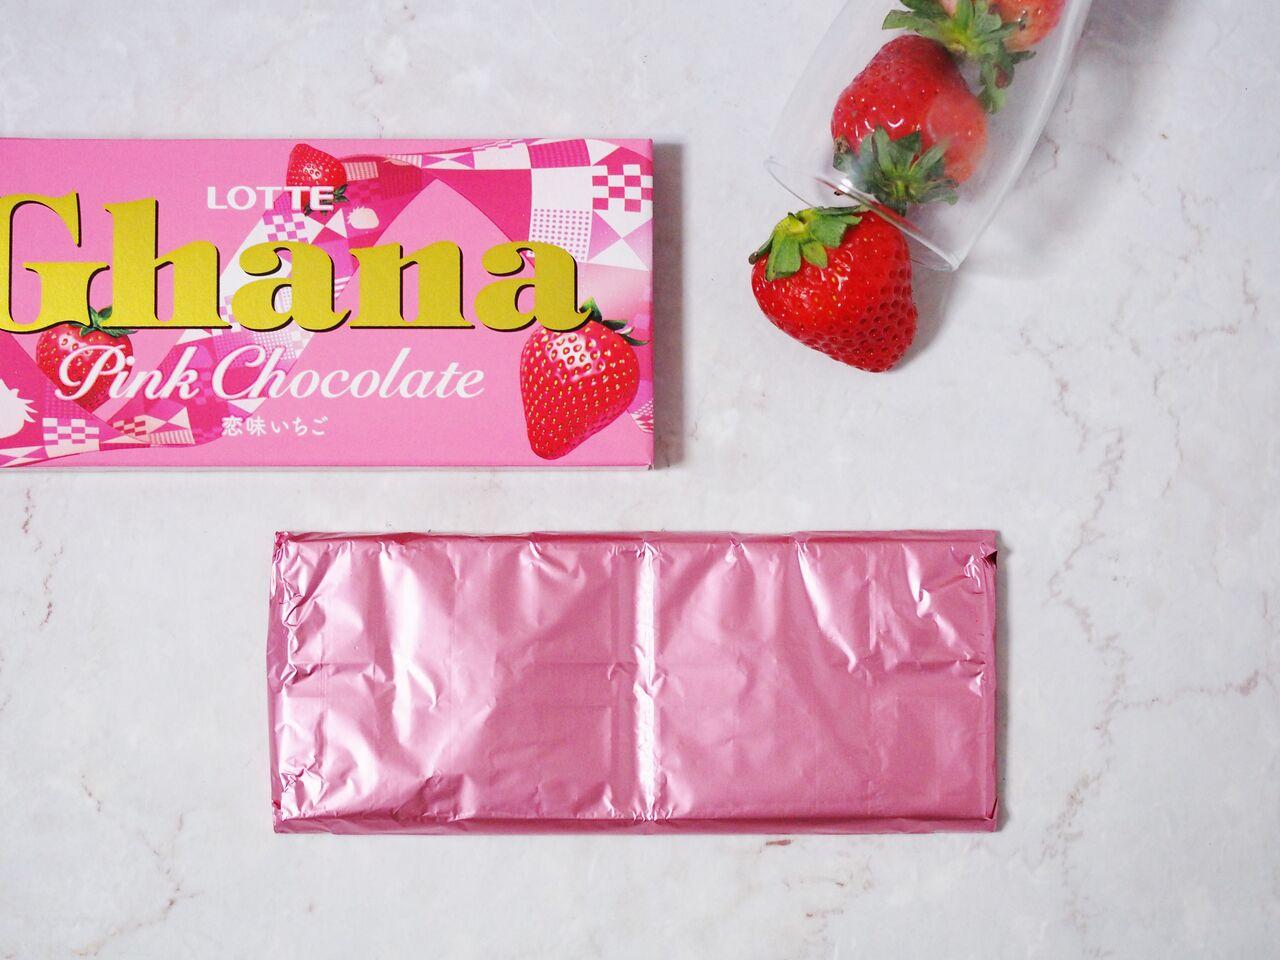 ピンク チョコレート ガーナ